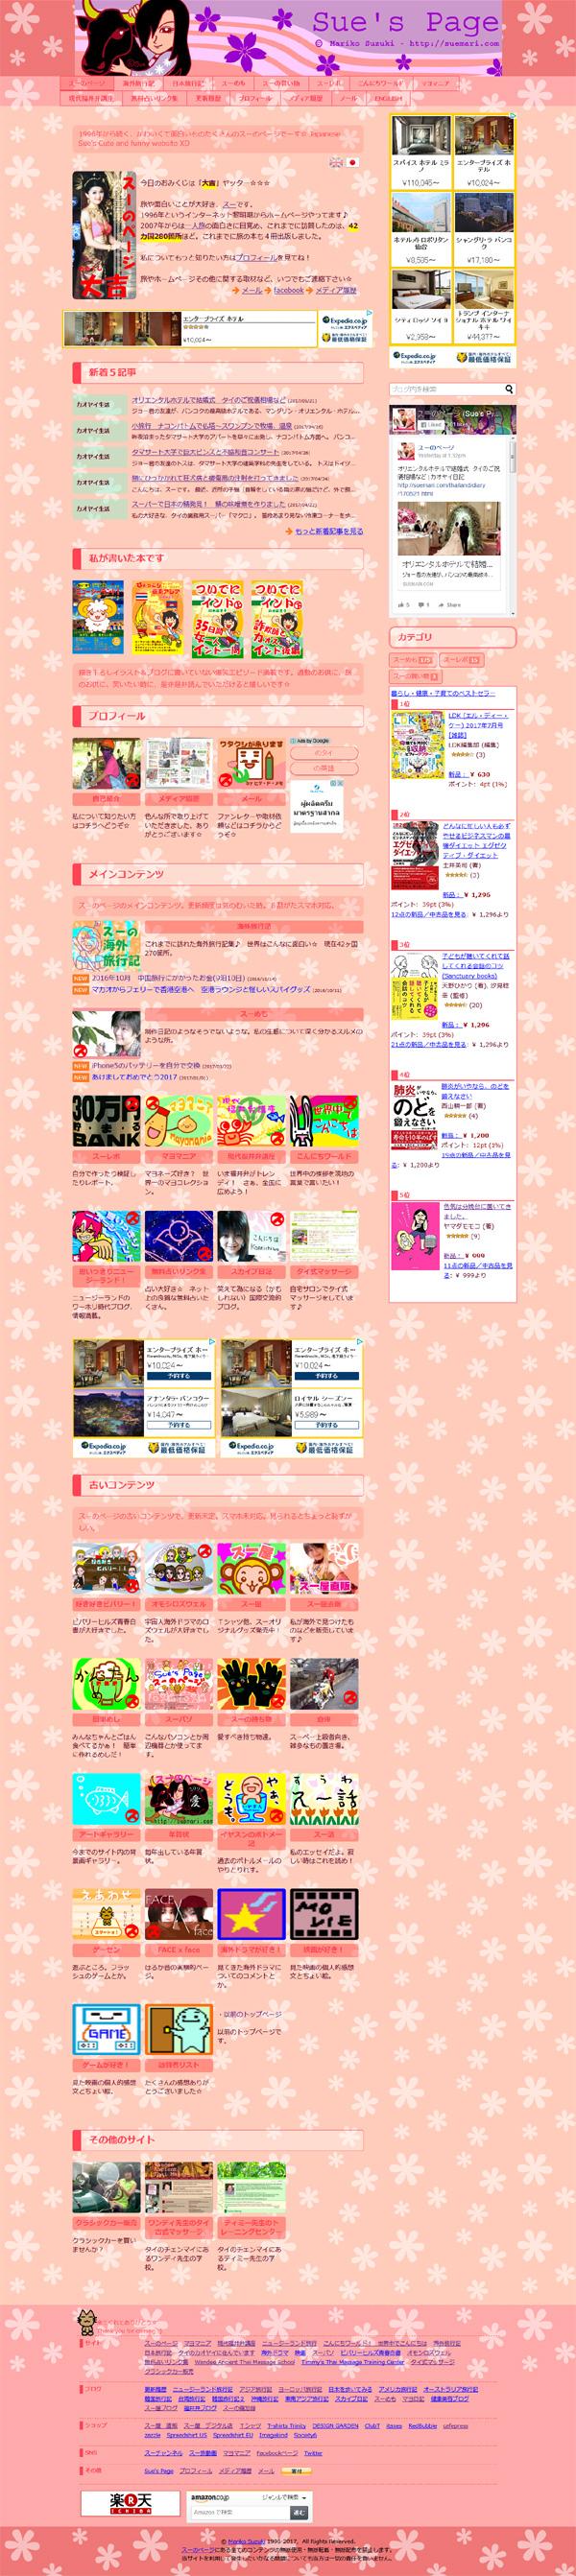 スーのページ他サイトのデザインを新しくしました